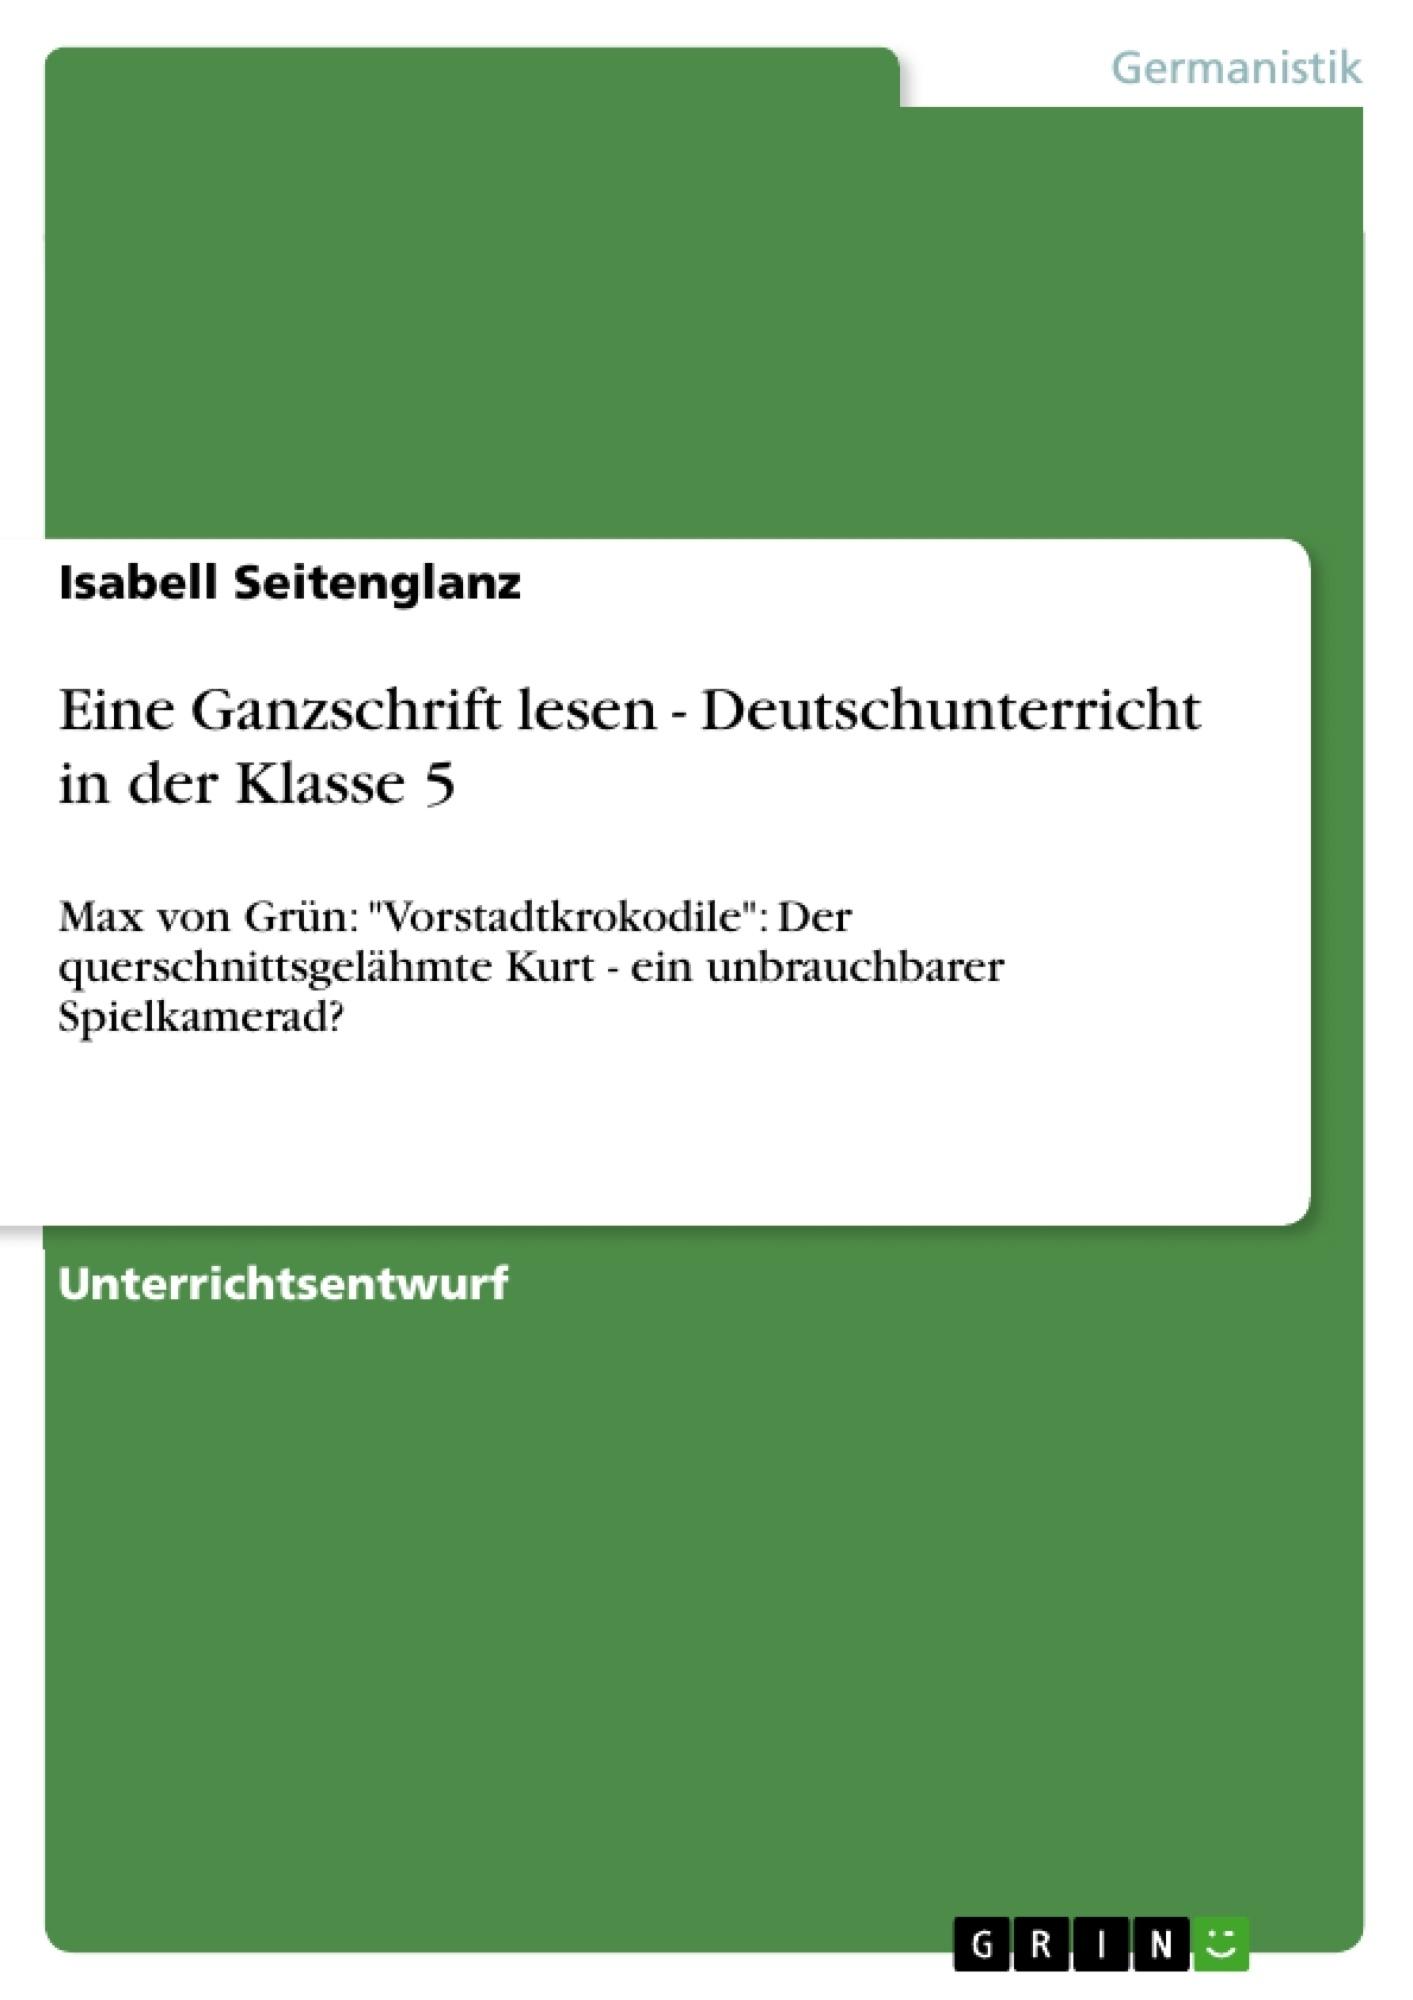 Titel: Eine Ganzschrift lesen - Deutschunterricht in der Klasse 5